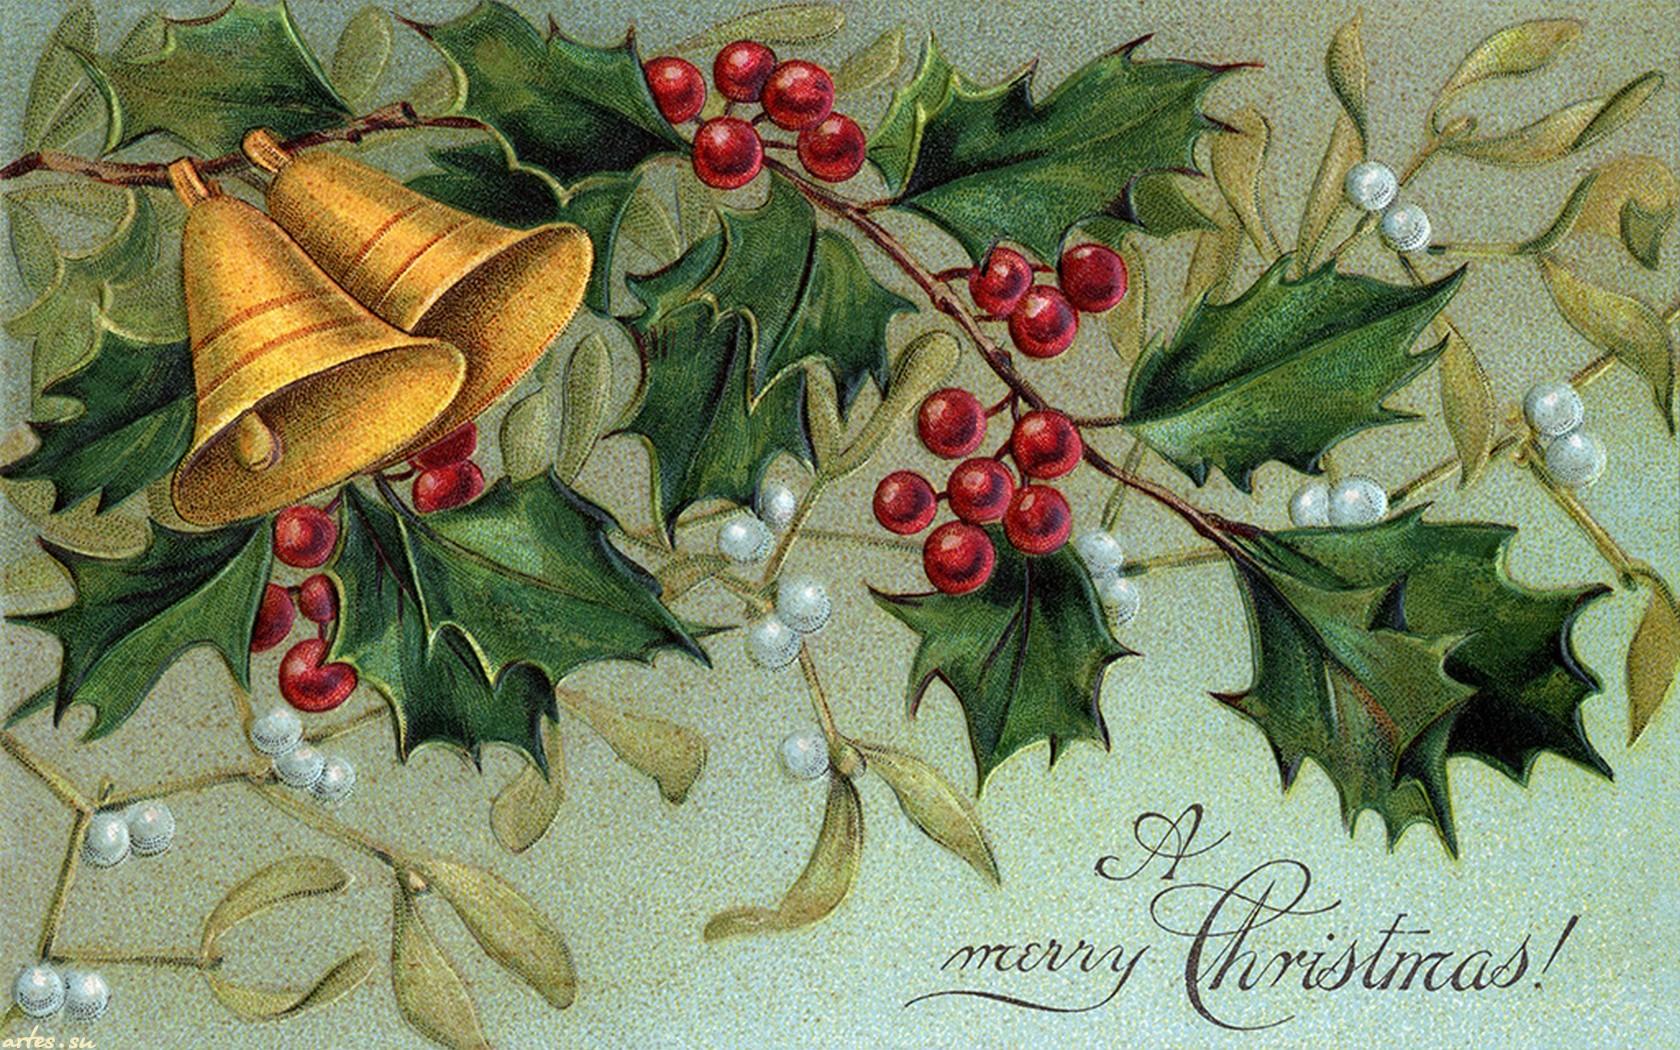 Новогодняя открытка на английский, международным